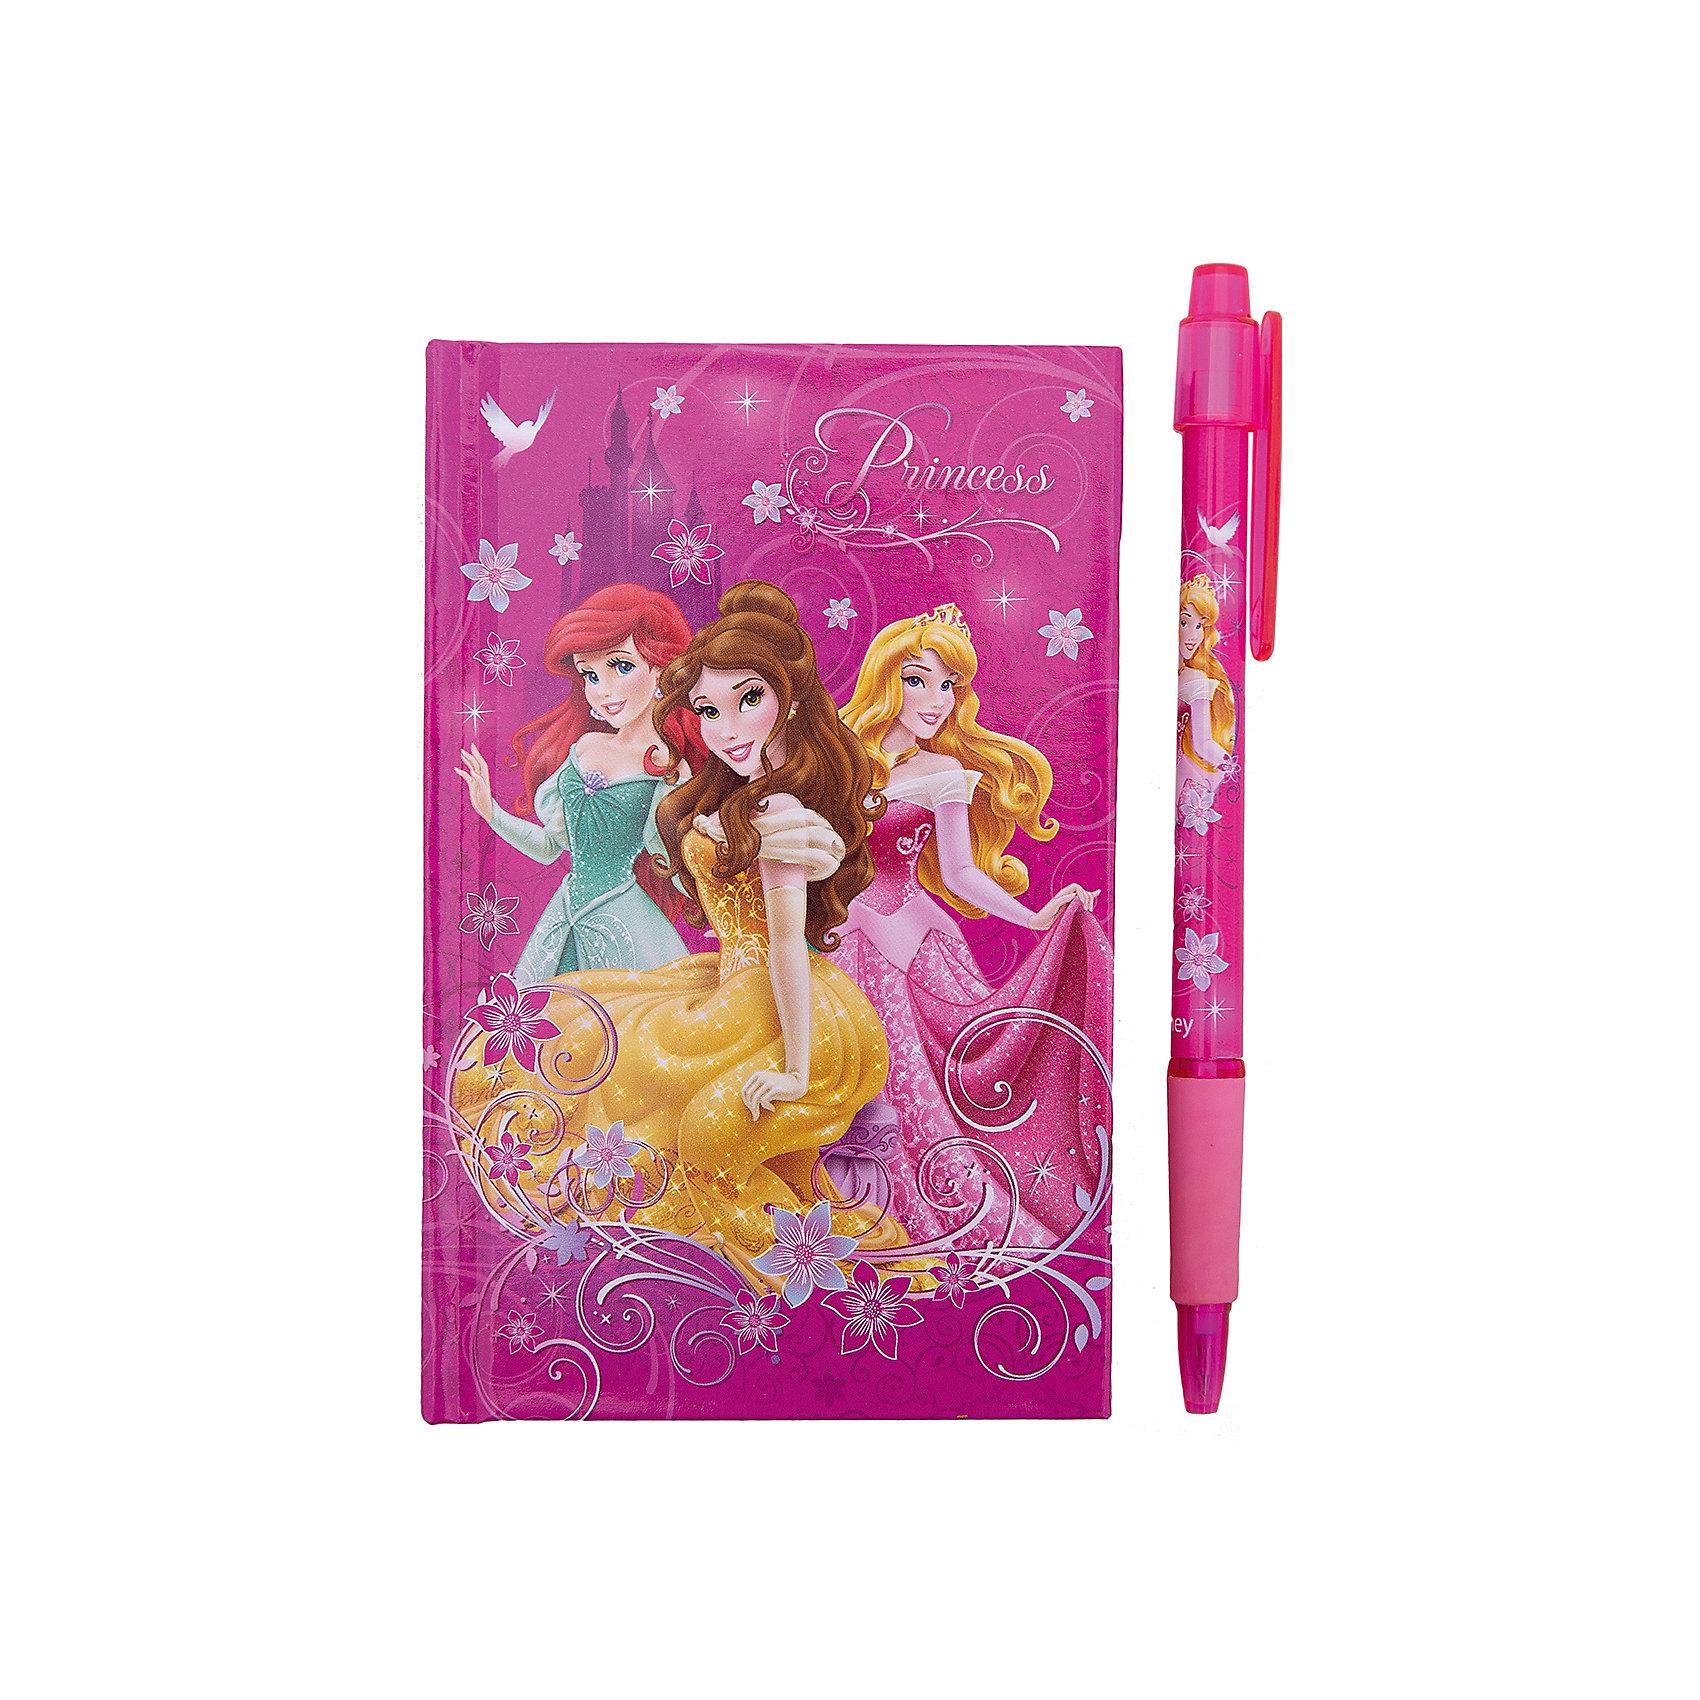 Набор в подарочной коробке, Принцессы ДиснейПринцессы Дисней<br>Набор канцелярский в подарочной коробке Disney Princess создан для поклонниц  диснеевских мультипликационных фильмов.<br><br>Дополнительная информация:<br><br>- В комплекте: ноутбук, ручка автоматическая.<br><br>Набор канцелярский  Disney Princess можно купить в нашем магазине.<br><br>Ширина мм: 130<br>Глубина мм: 160<br>Высота мм: 20<br>Вес г: 500<br>Возраст от месяцев: 48<br>Возраст до месяцев: 84<br>Пол: Женский<br>Возраст: Детский<br>SKU: 3562903